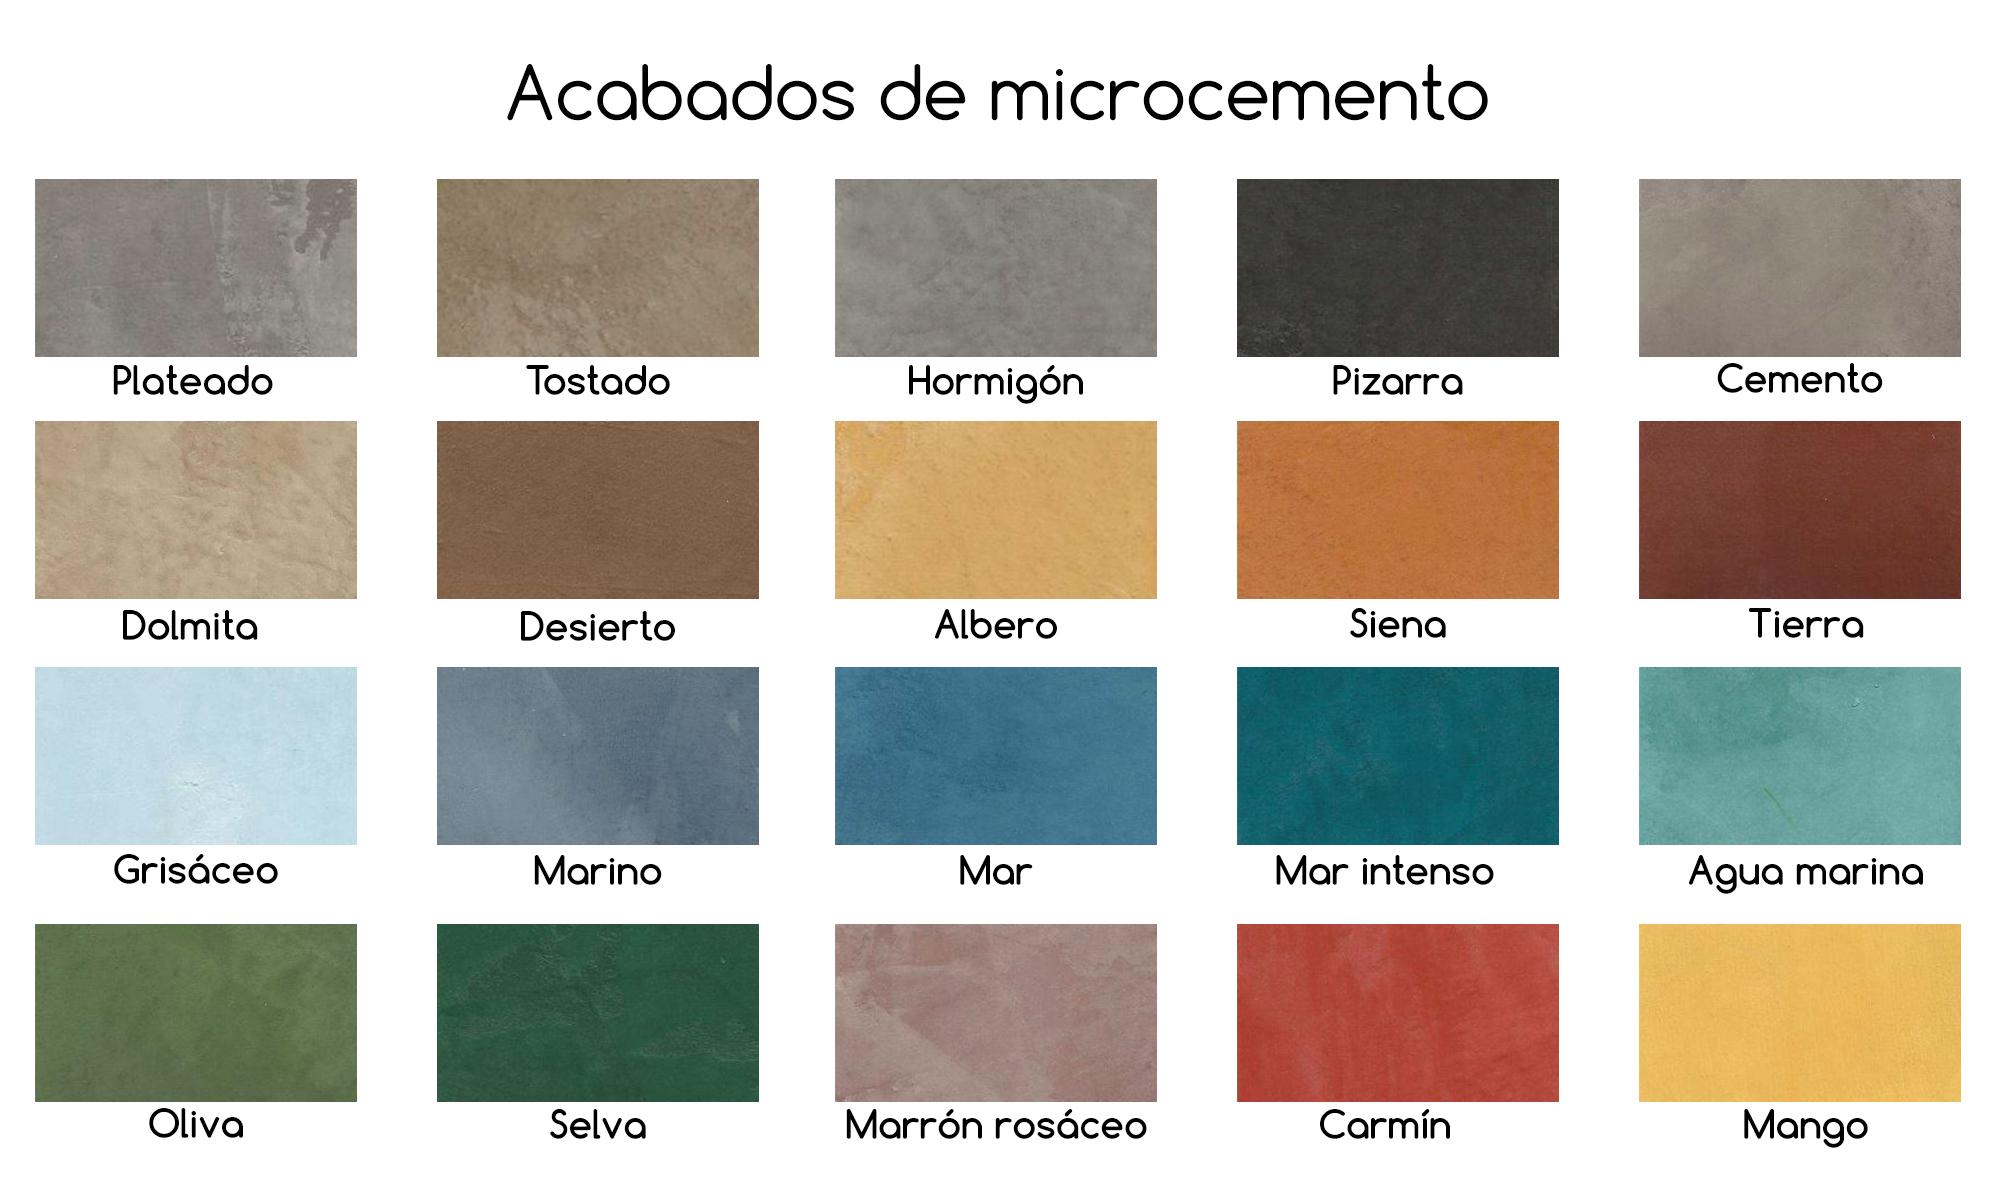 Lavabo microcemento larimar en for Precio de microcemento